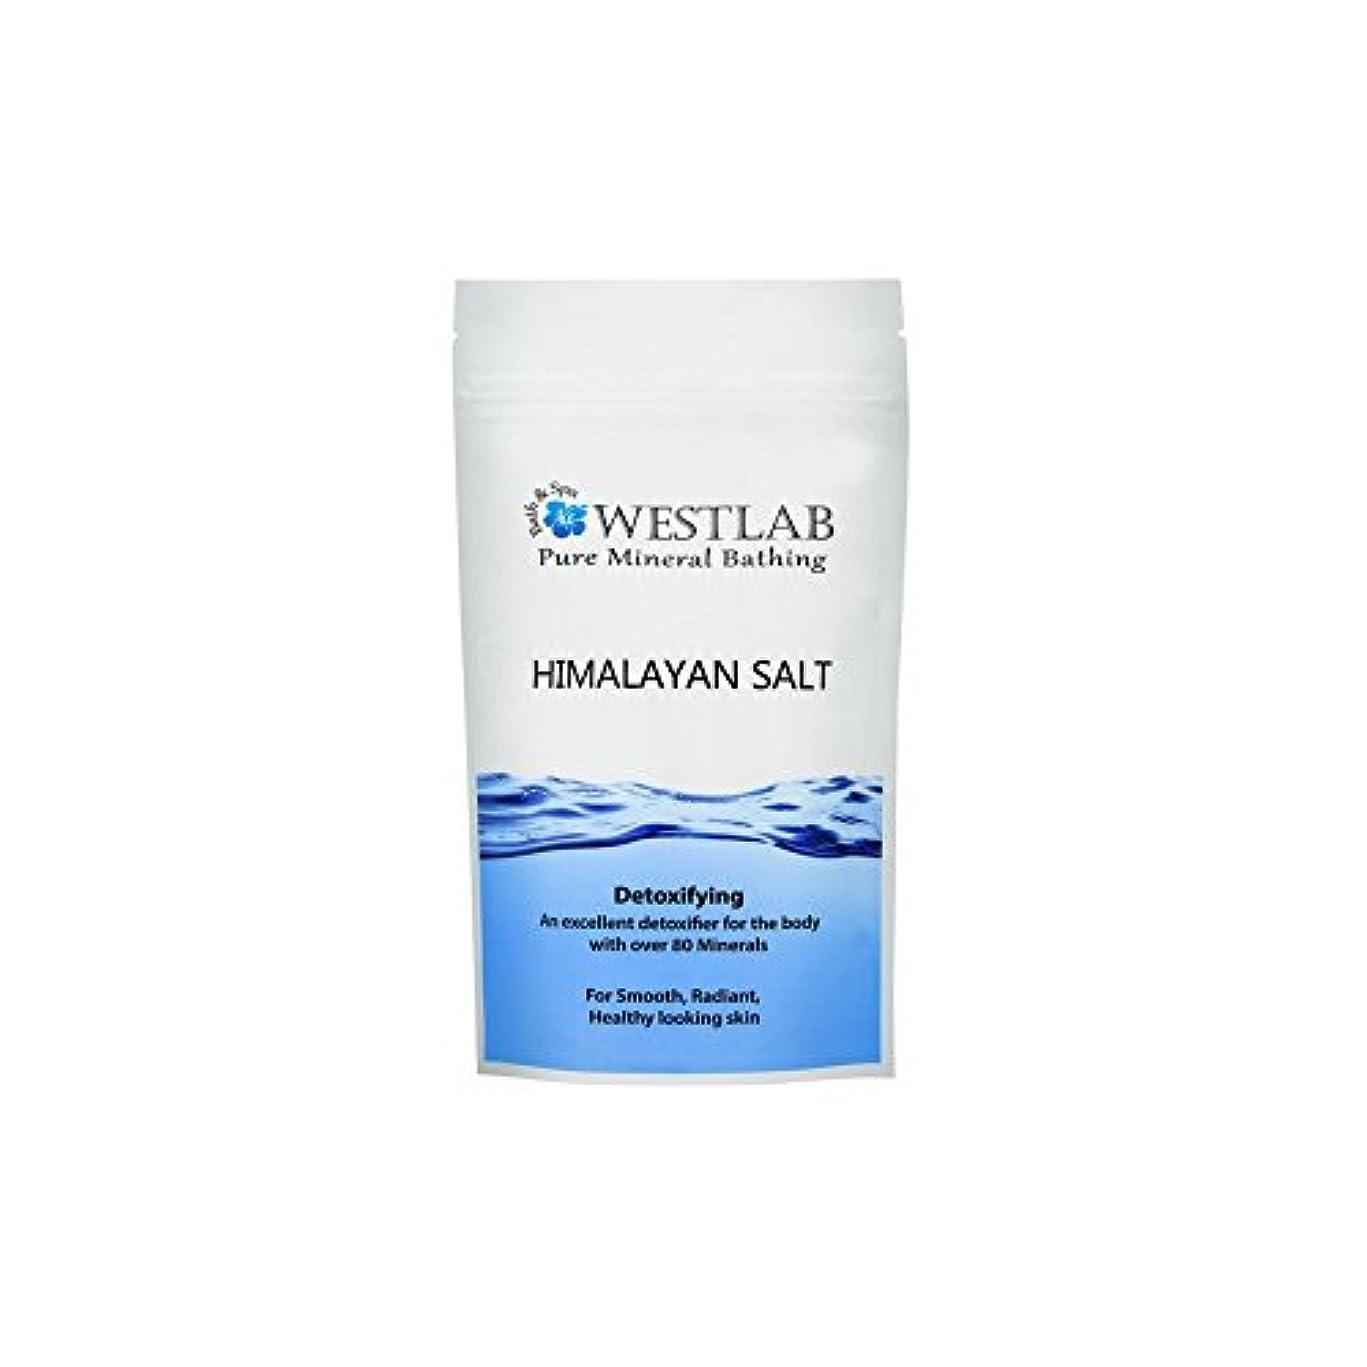 さわやかふさわしいハチヒマラヤ塩の1キロ x4 - Westlab Himalayan Salt 1kg (Pack of 4) [並行輸入品]